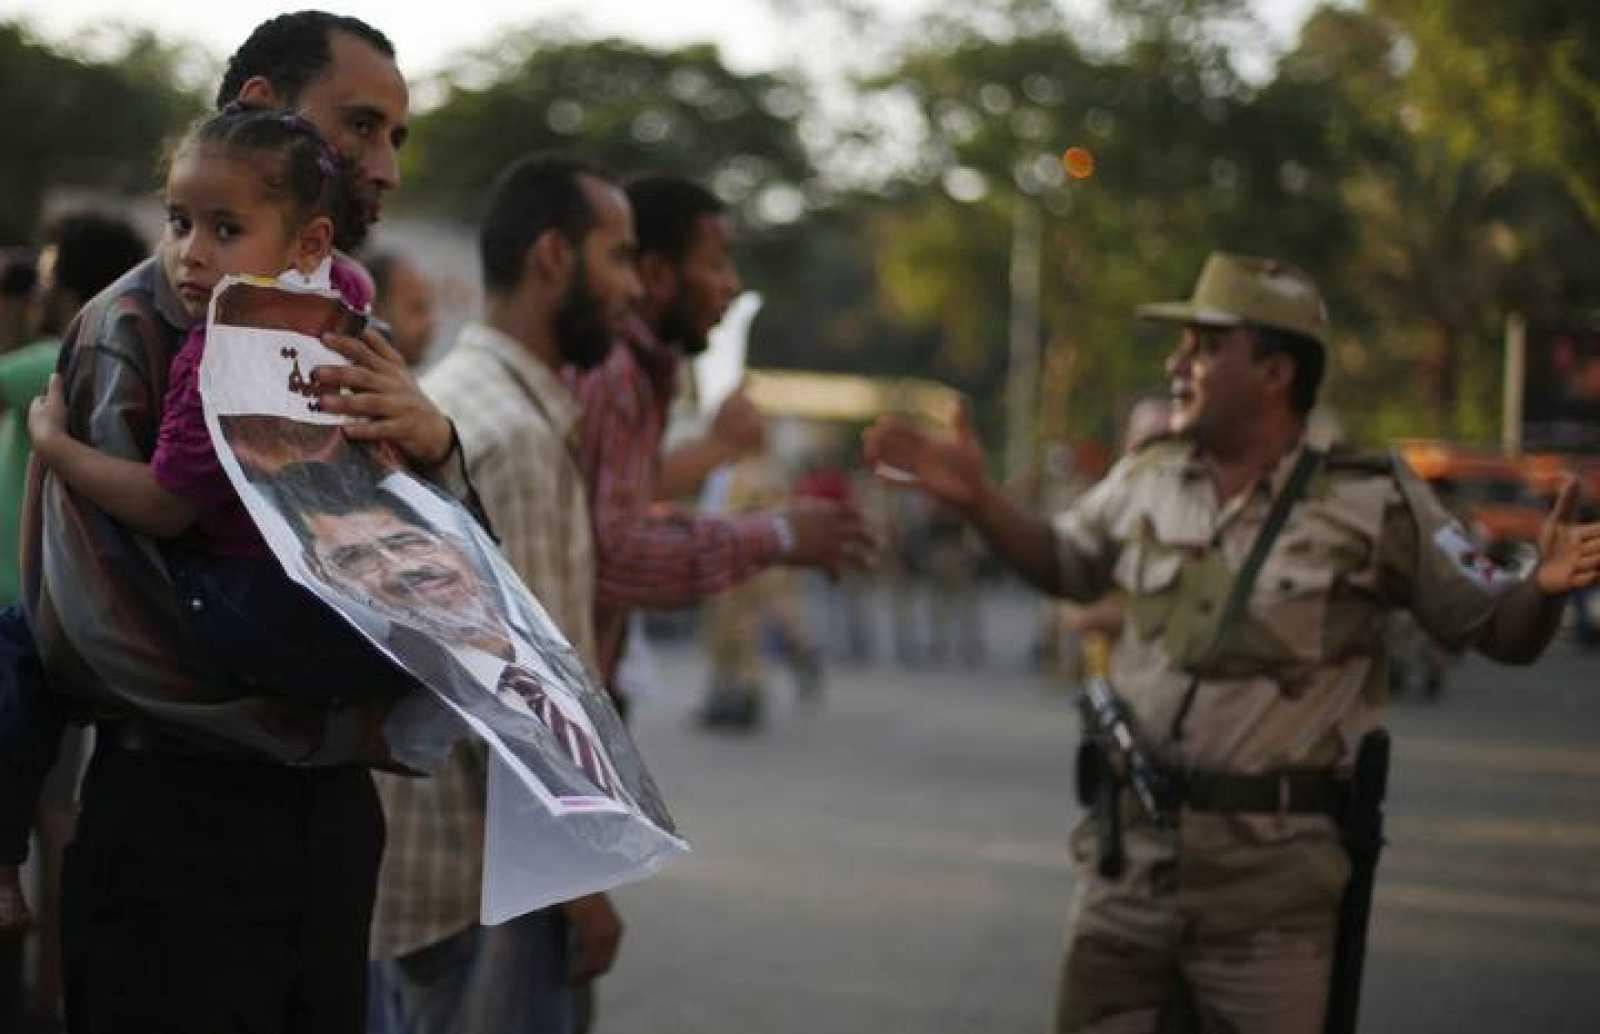 Un manifestante que apoyó el golpe contra Morsi conversa con un miembro del Ejército.